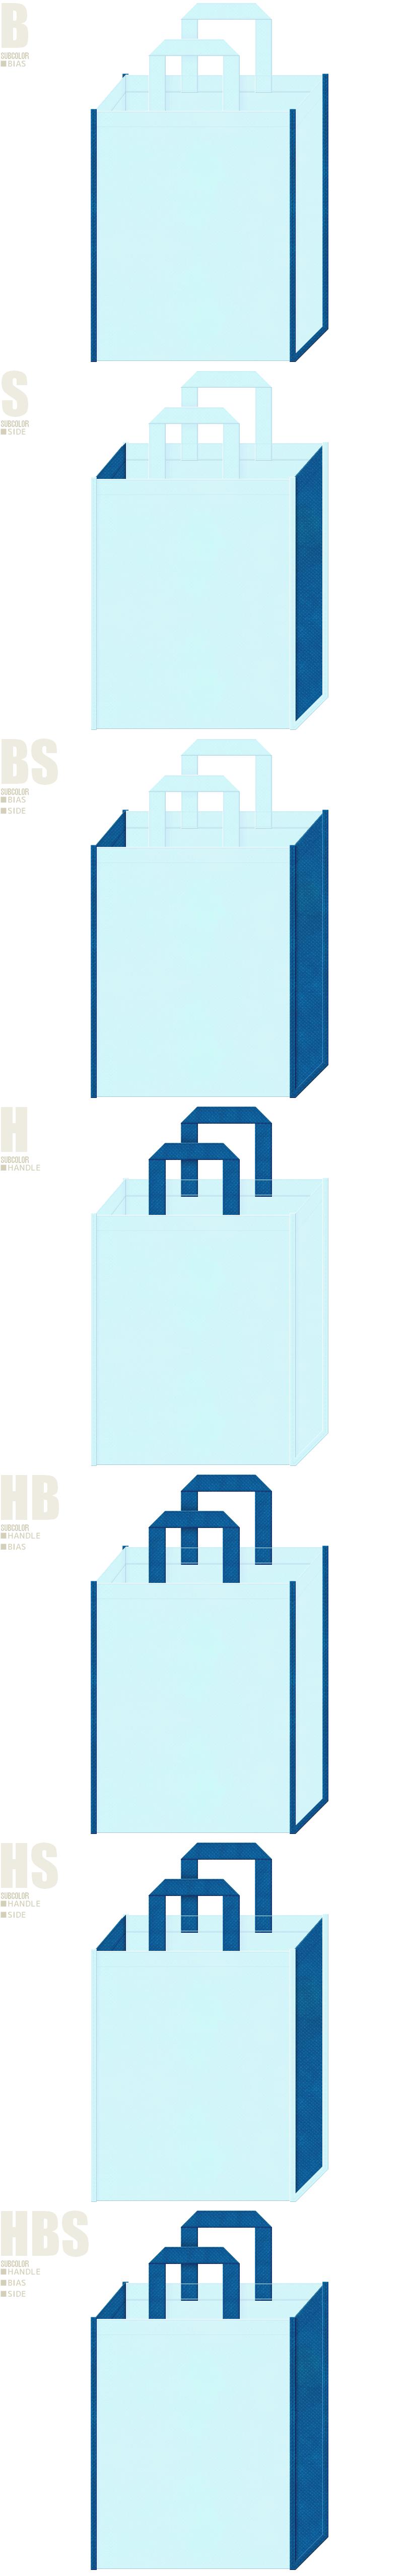 ランドリーバッグ・クリーニング用品の展示会用バッグにお奨めの、水色と青色-7パターンの不織布トートバッグ配色デザイン例。